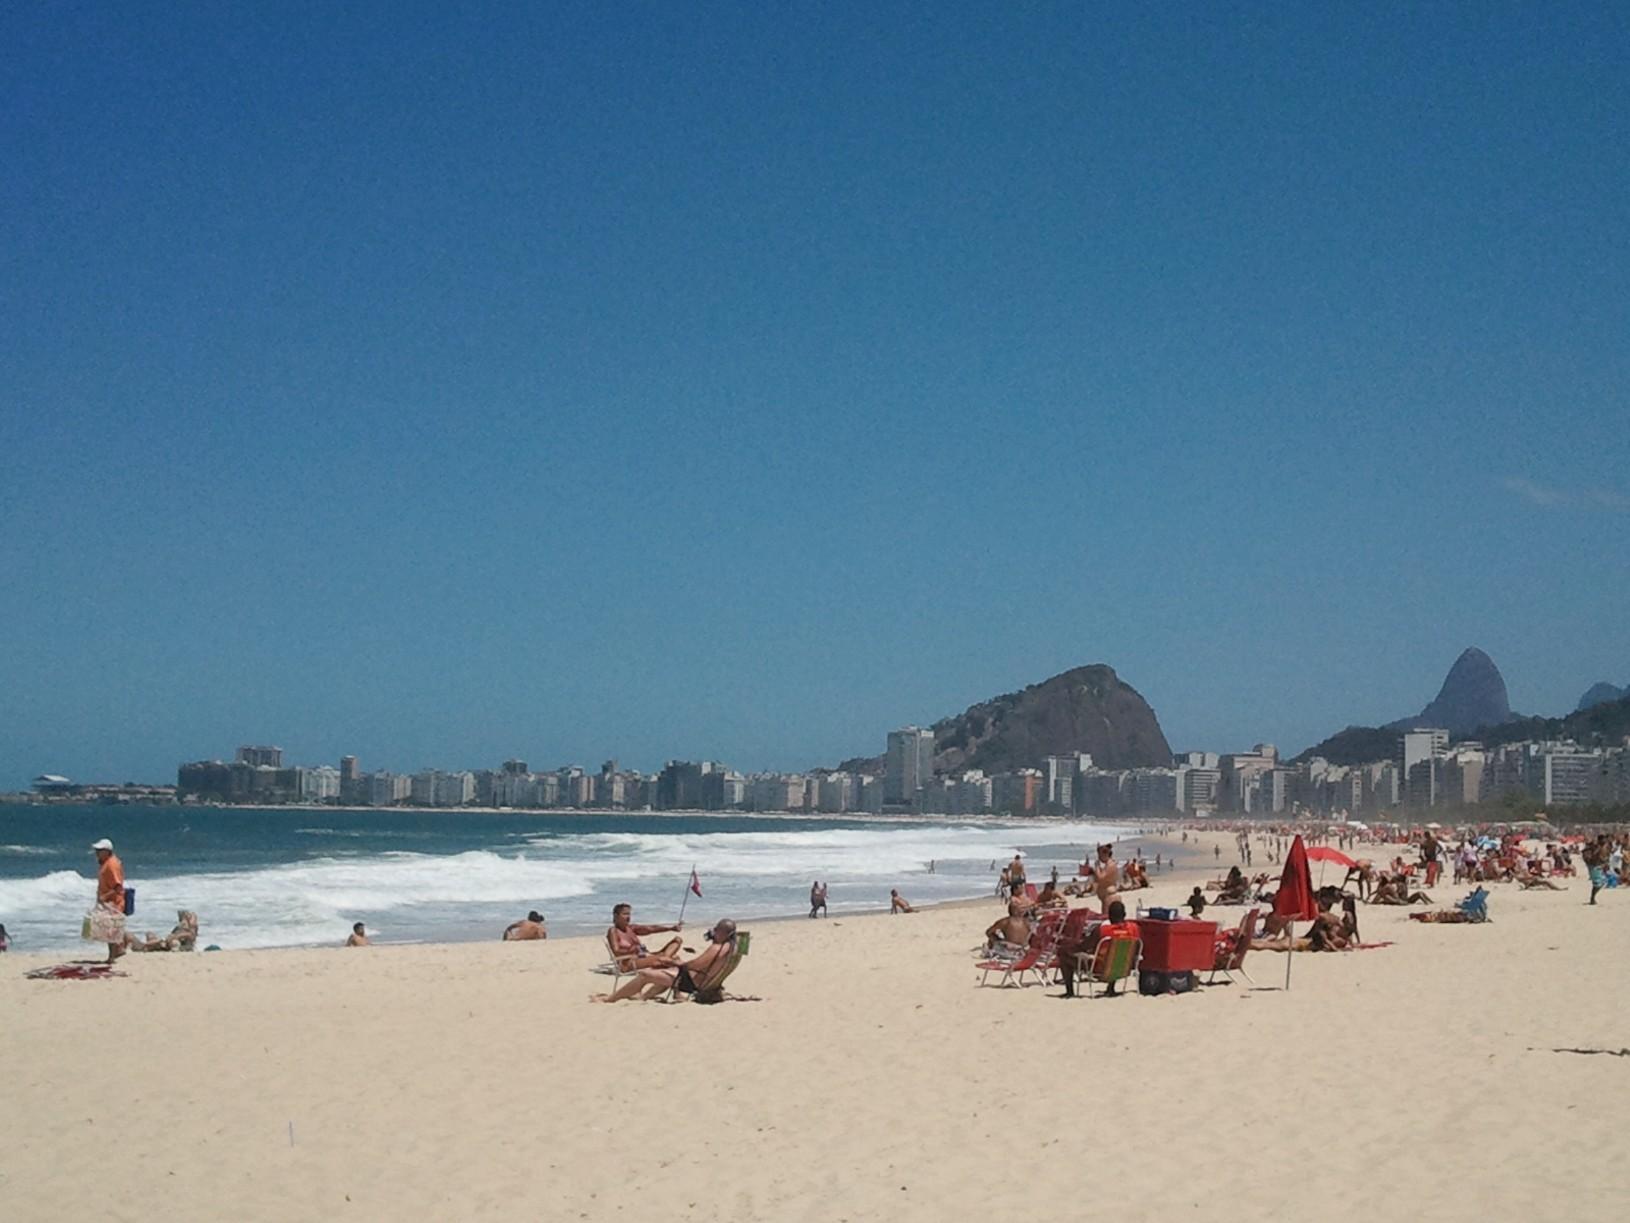 Une autre vue de Copacabana